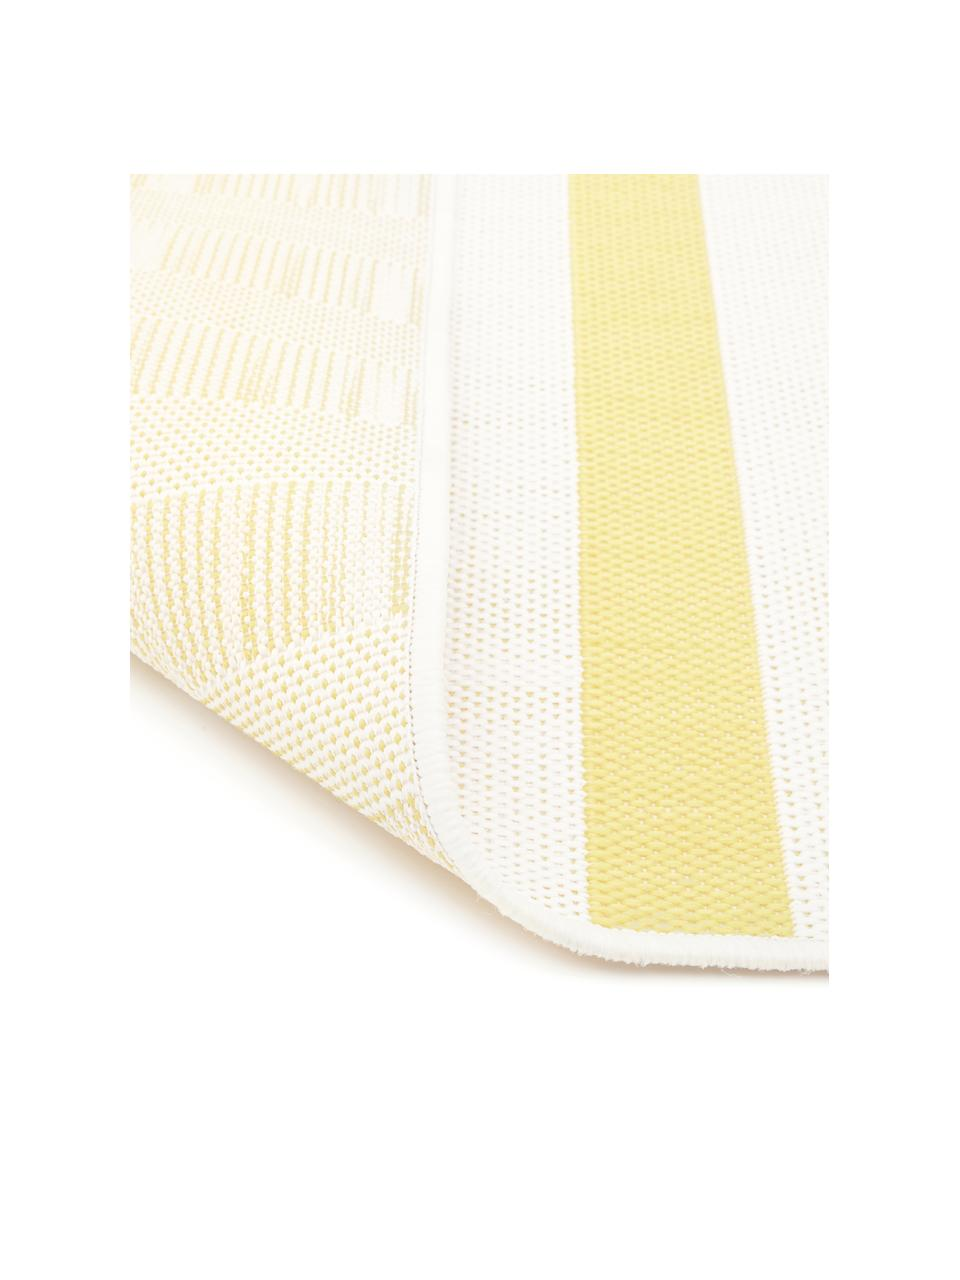 Tappeto giallo/bianco a righe da interno-esterno Axa, 86% polipropilene, 14% poliestere, Bianco crema, giallo, Larg. 200 x Lung. 290 cm (taglia L)